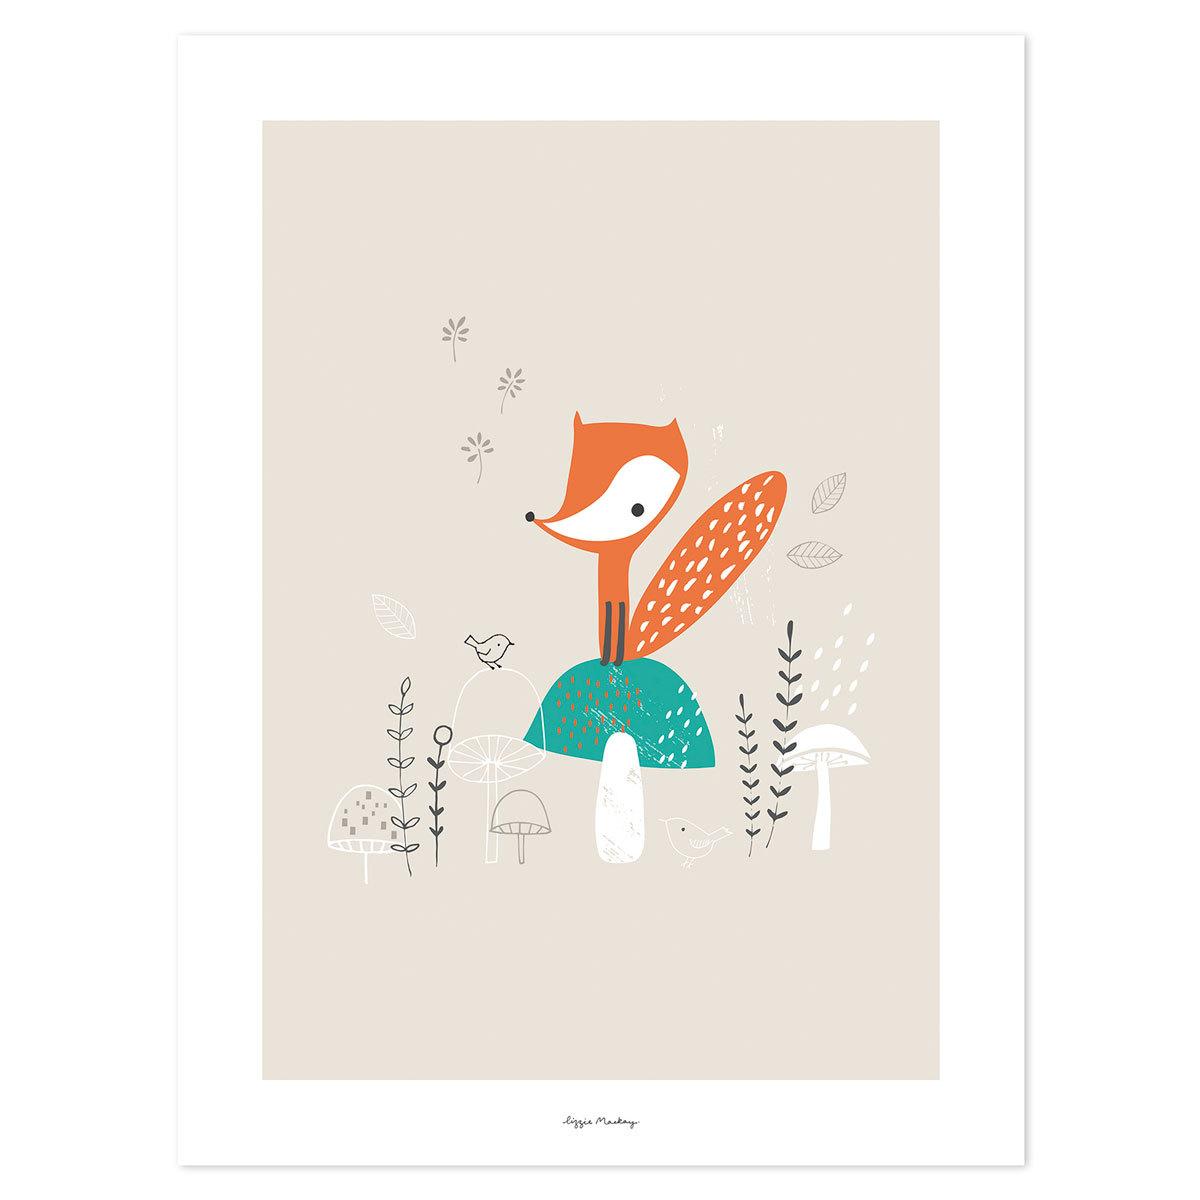 Affiche & poster Woodland - Affiche Renard & Champignons Woodland - Affiche Renard & Champignons